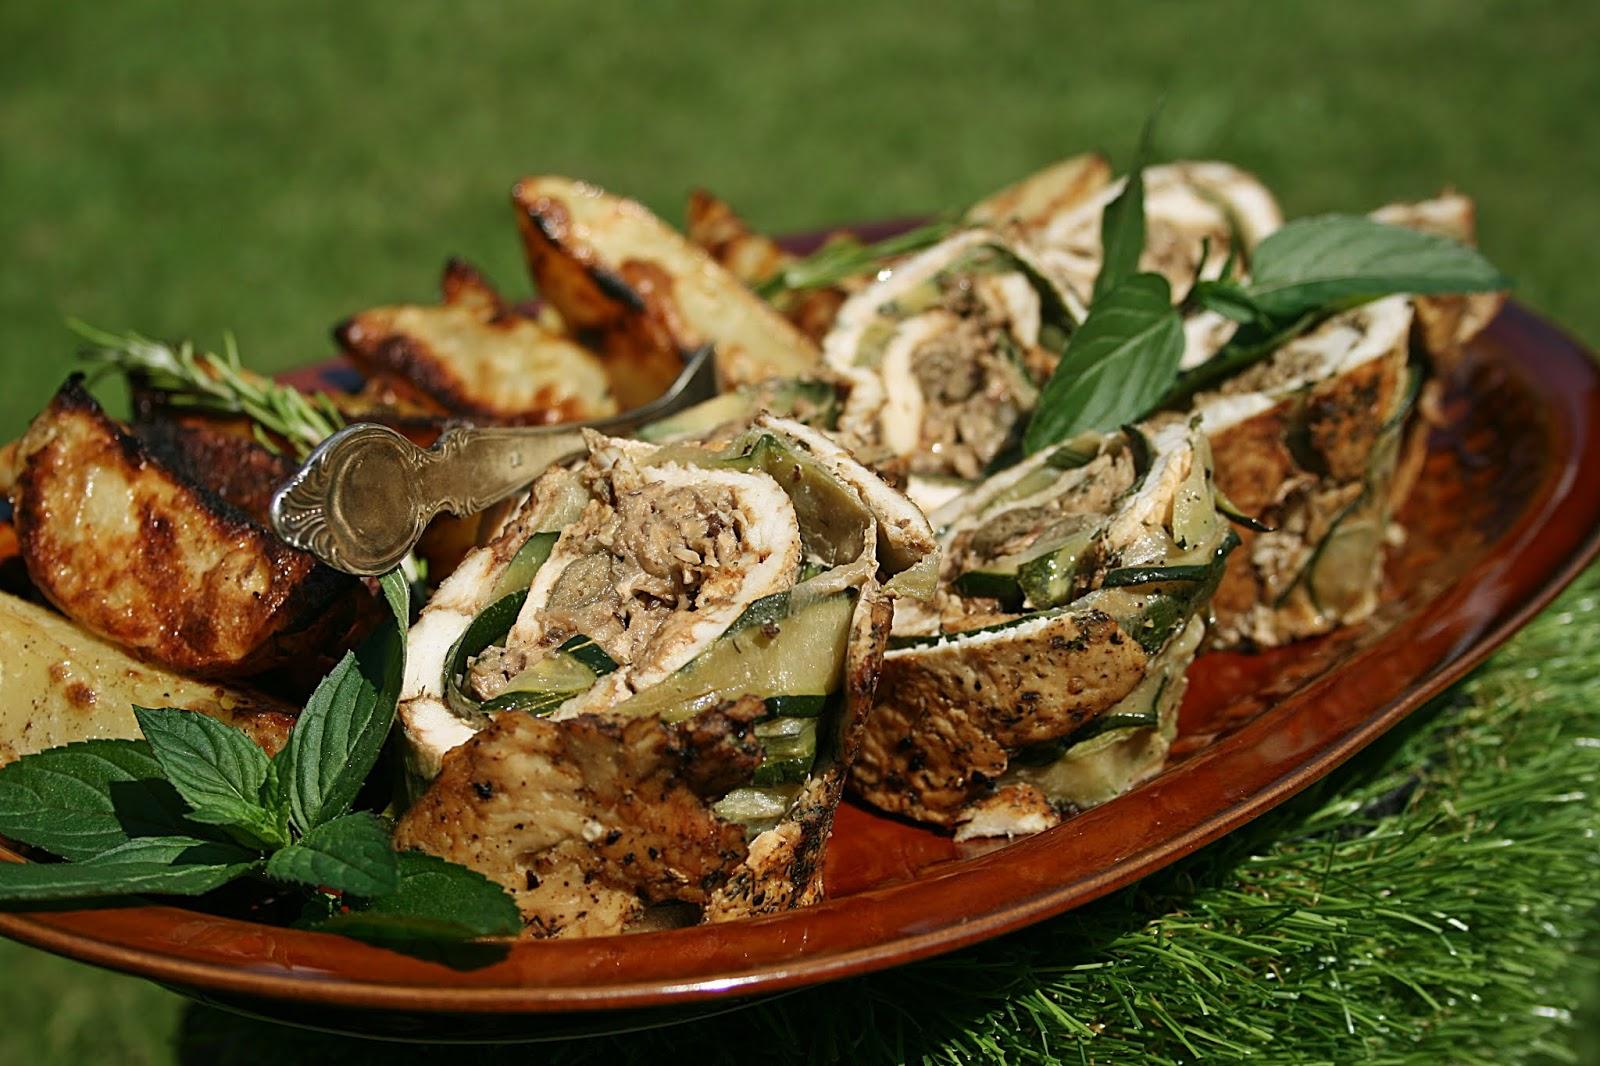 Grillowana rolada z kurczaka, z cukinią i brązowymi pieczarkami